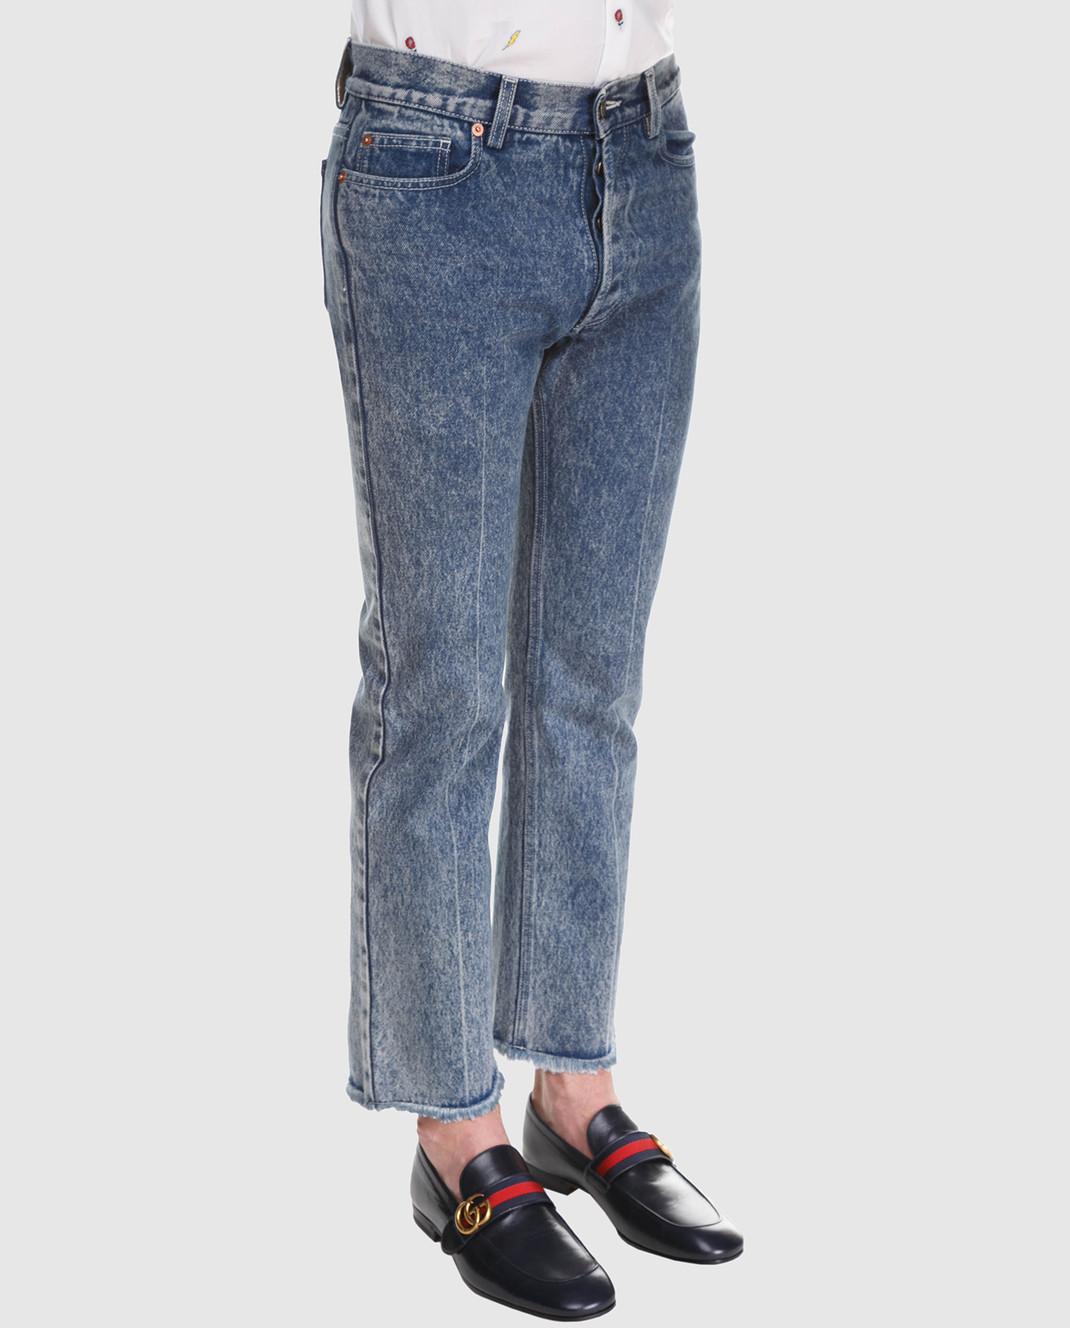 Gucci Синие джинсы 524365 изображение 2